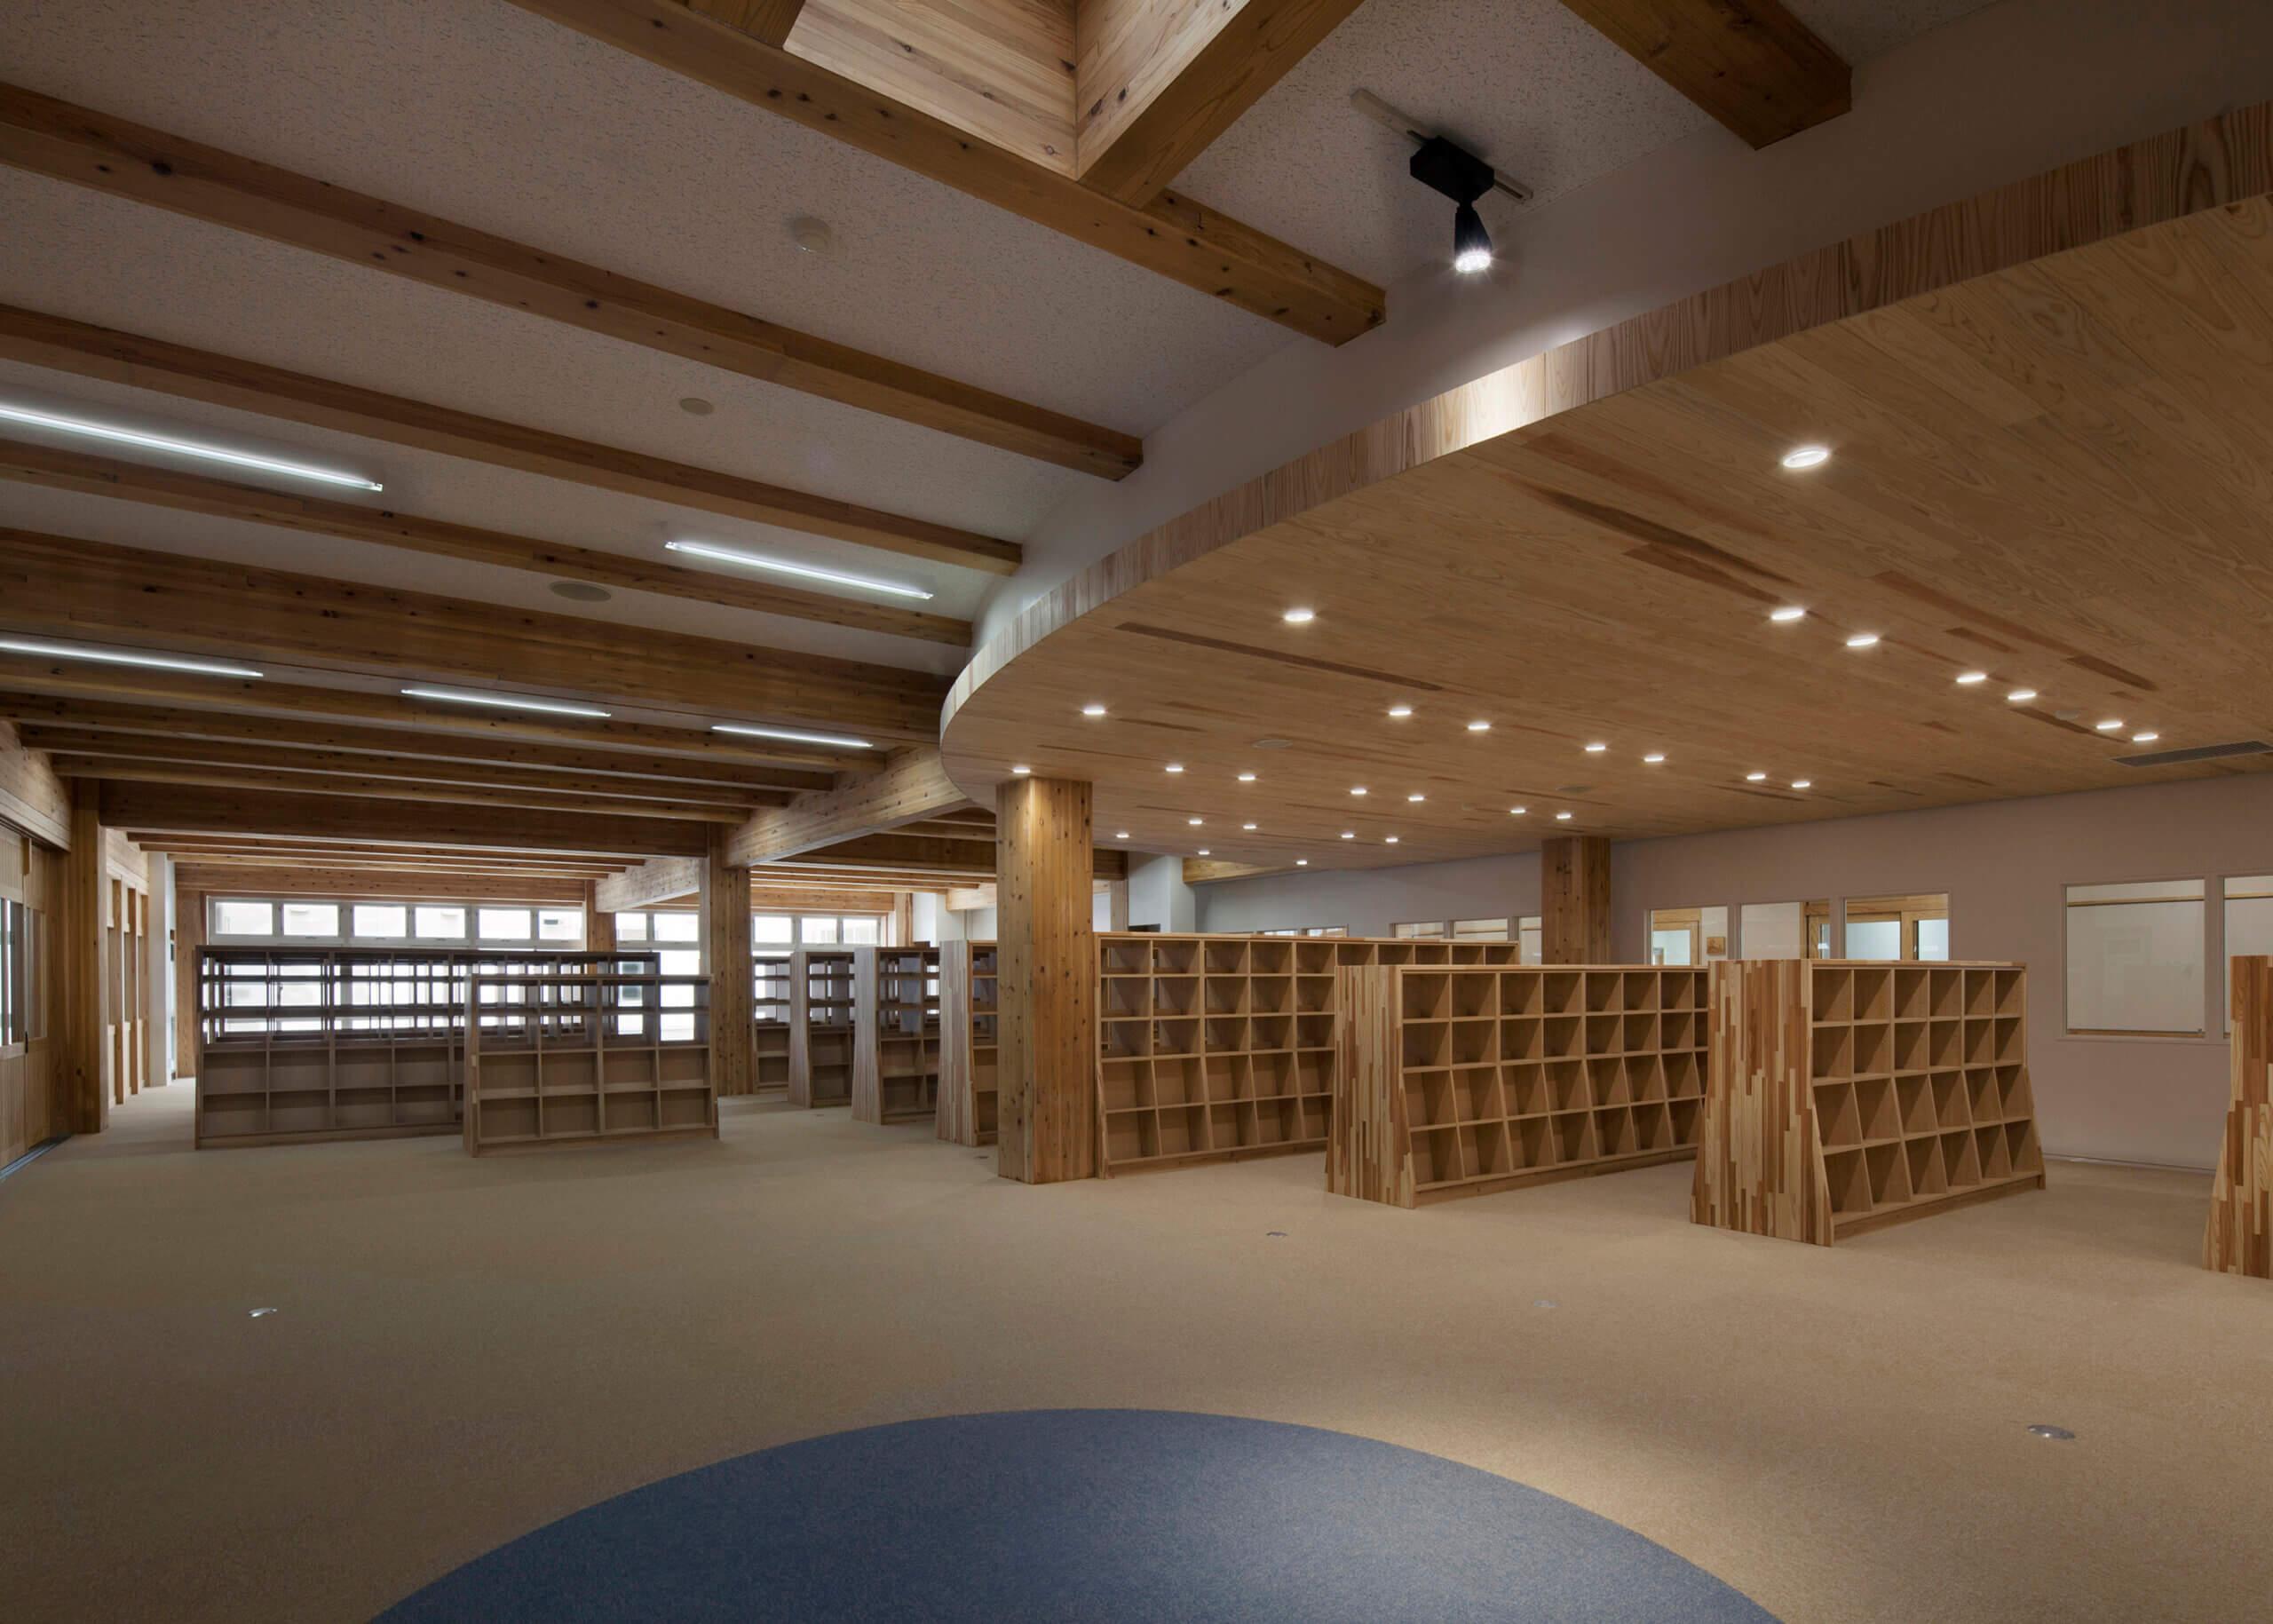 木造建築の施工事例:大槌町立大槌学園小中一貫教育校(校舎棟) 2枚目